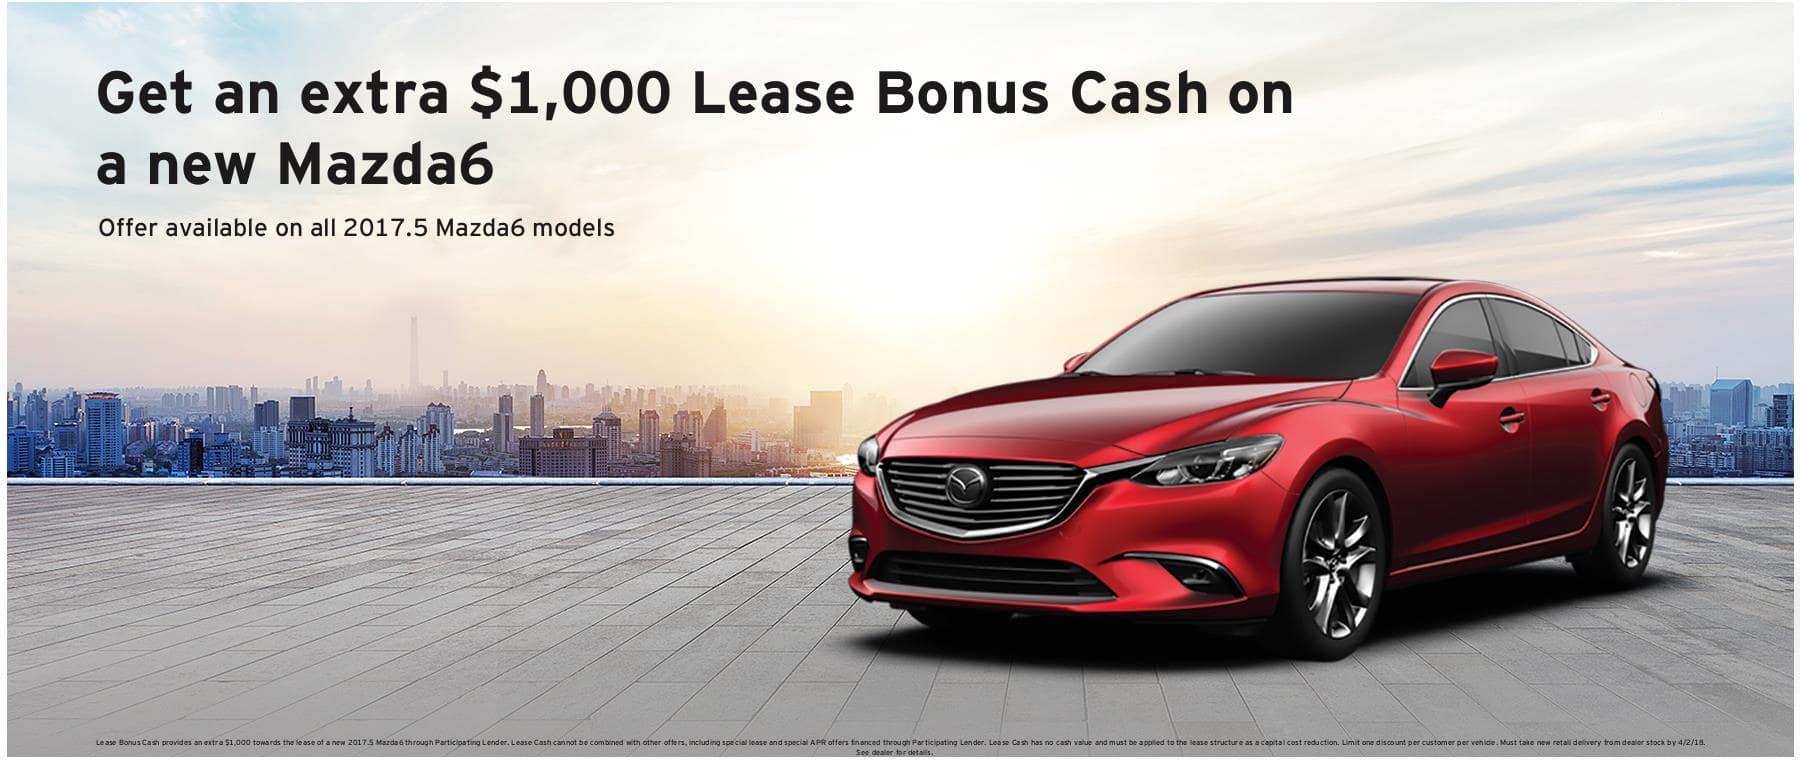 North Shore Mazda Mazda Dealer In Danvers MA - Mazda dealers massachusetts